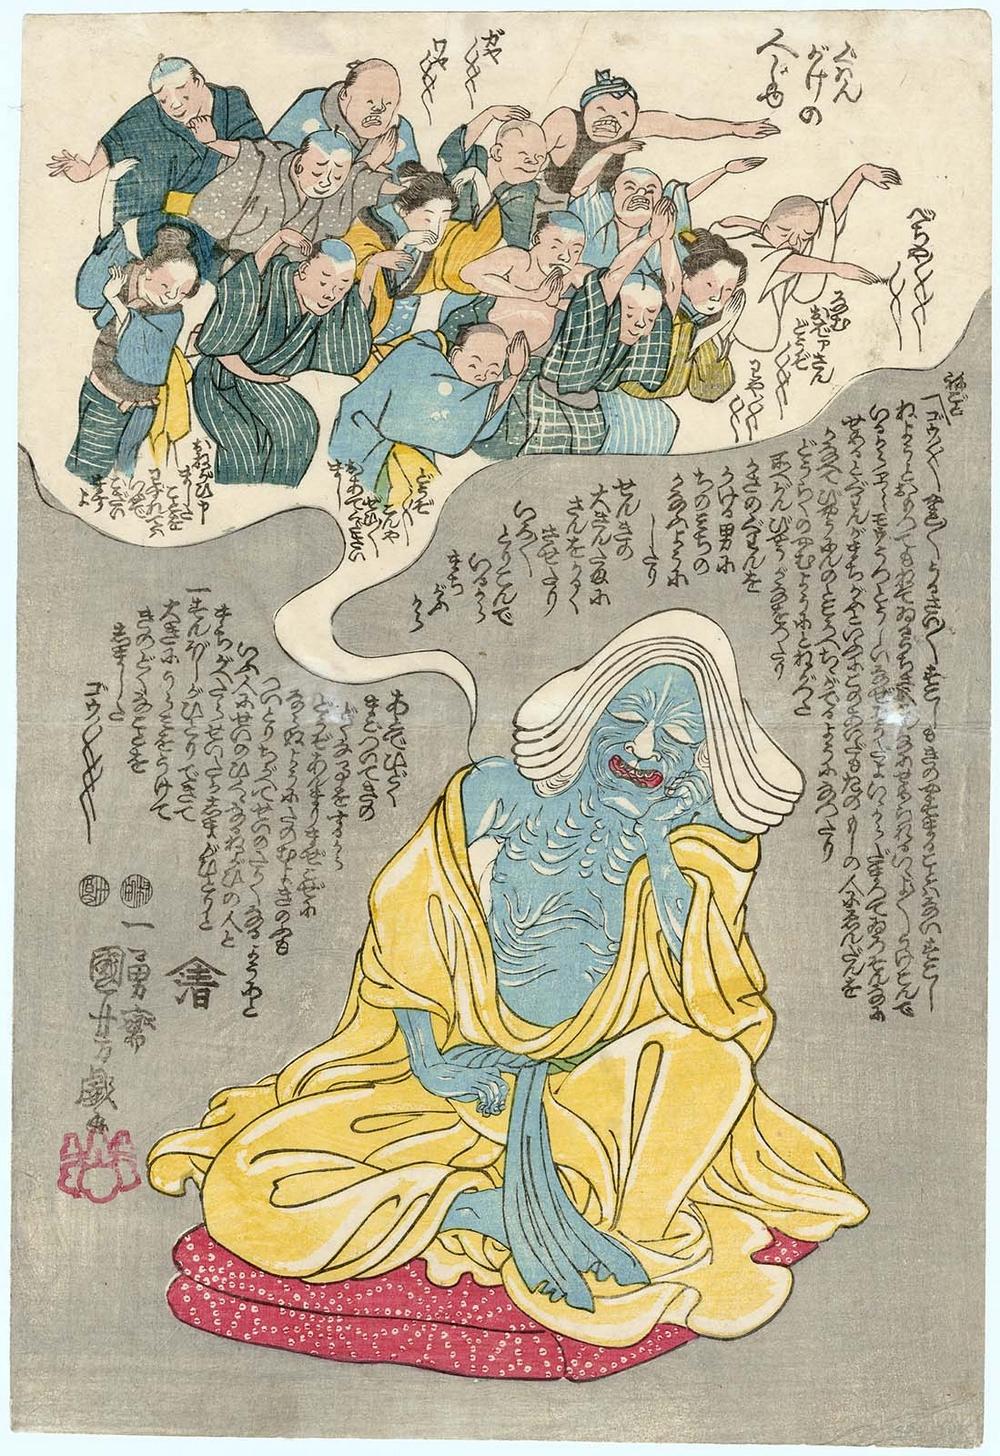 Онлайн-архив японских гравюр 6